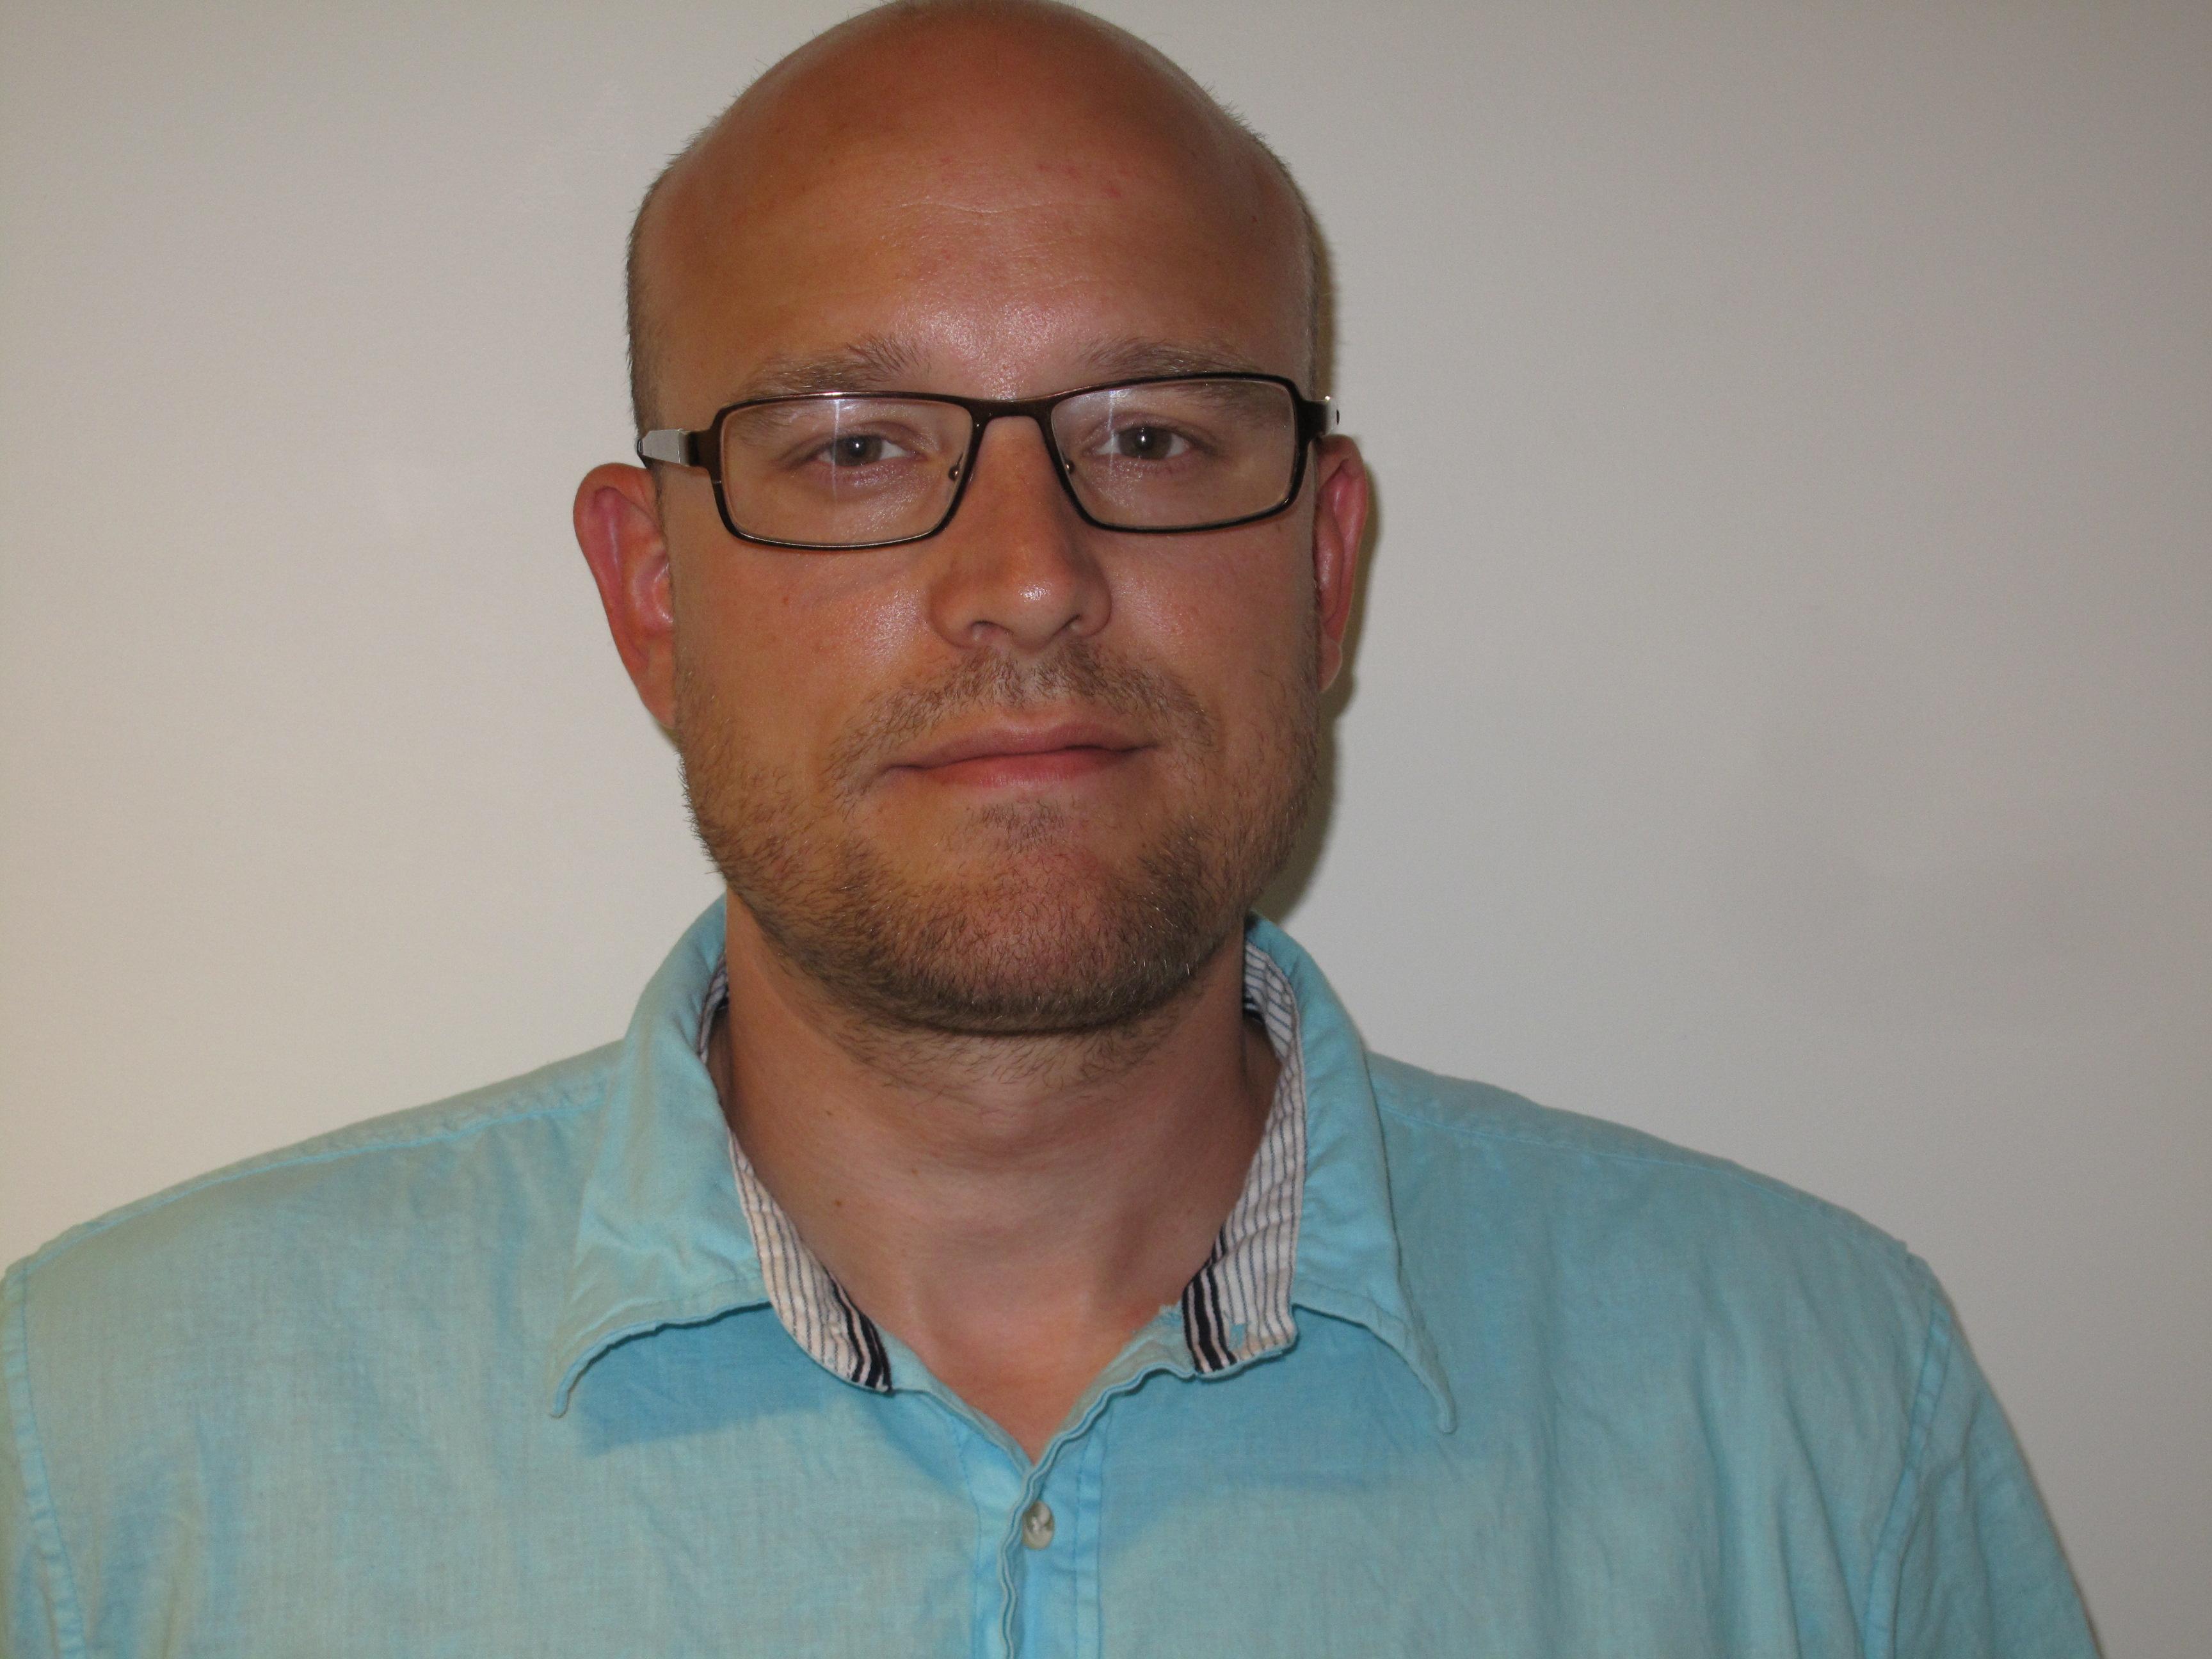 Lars Erik Hårberg's photo